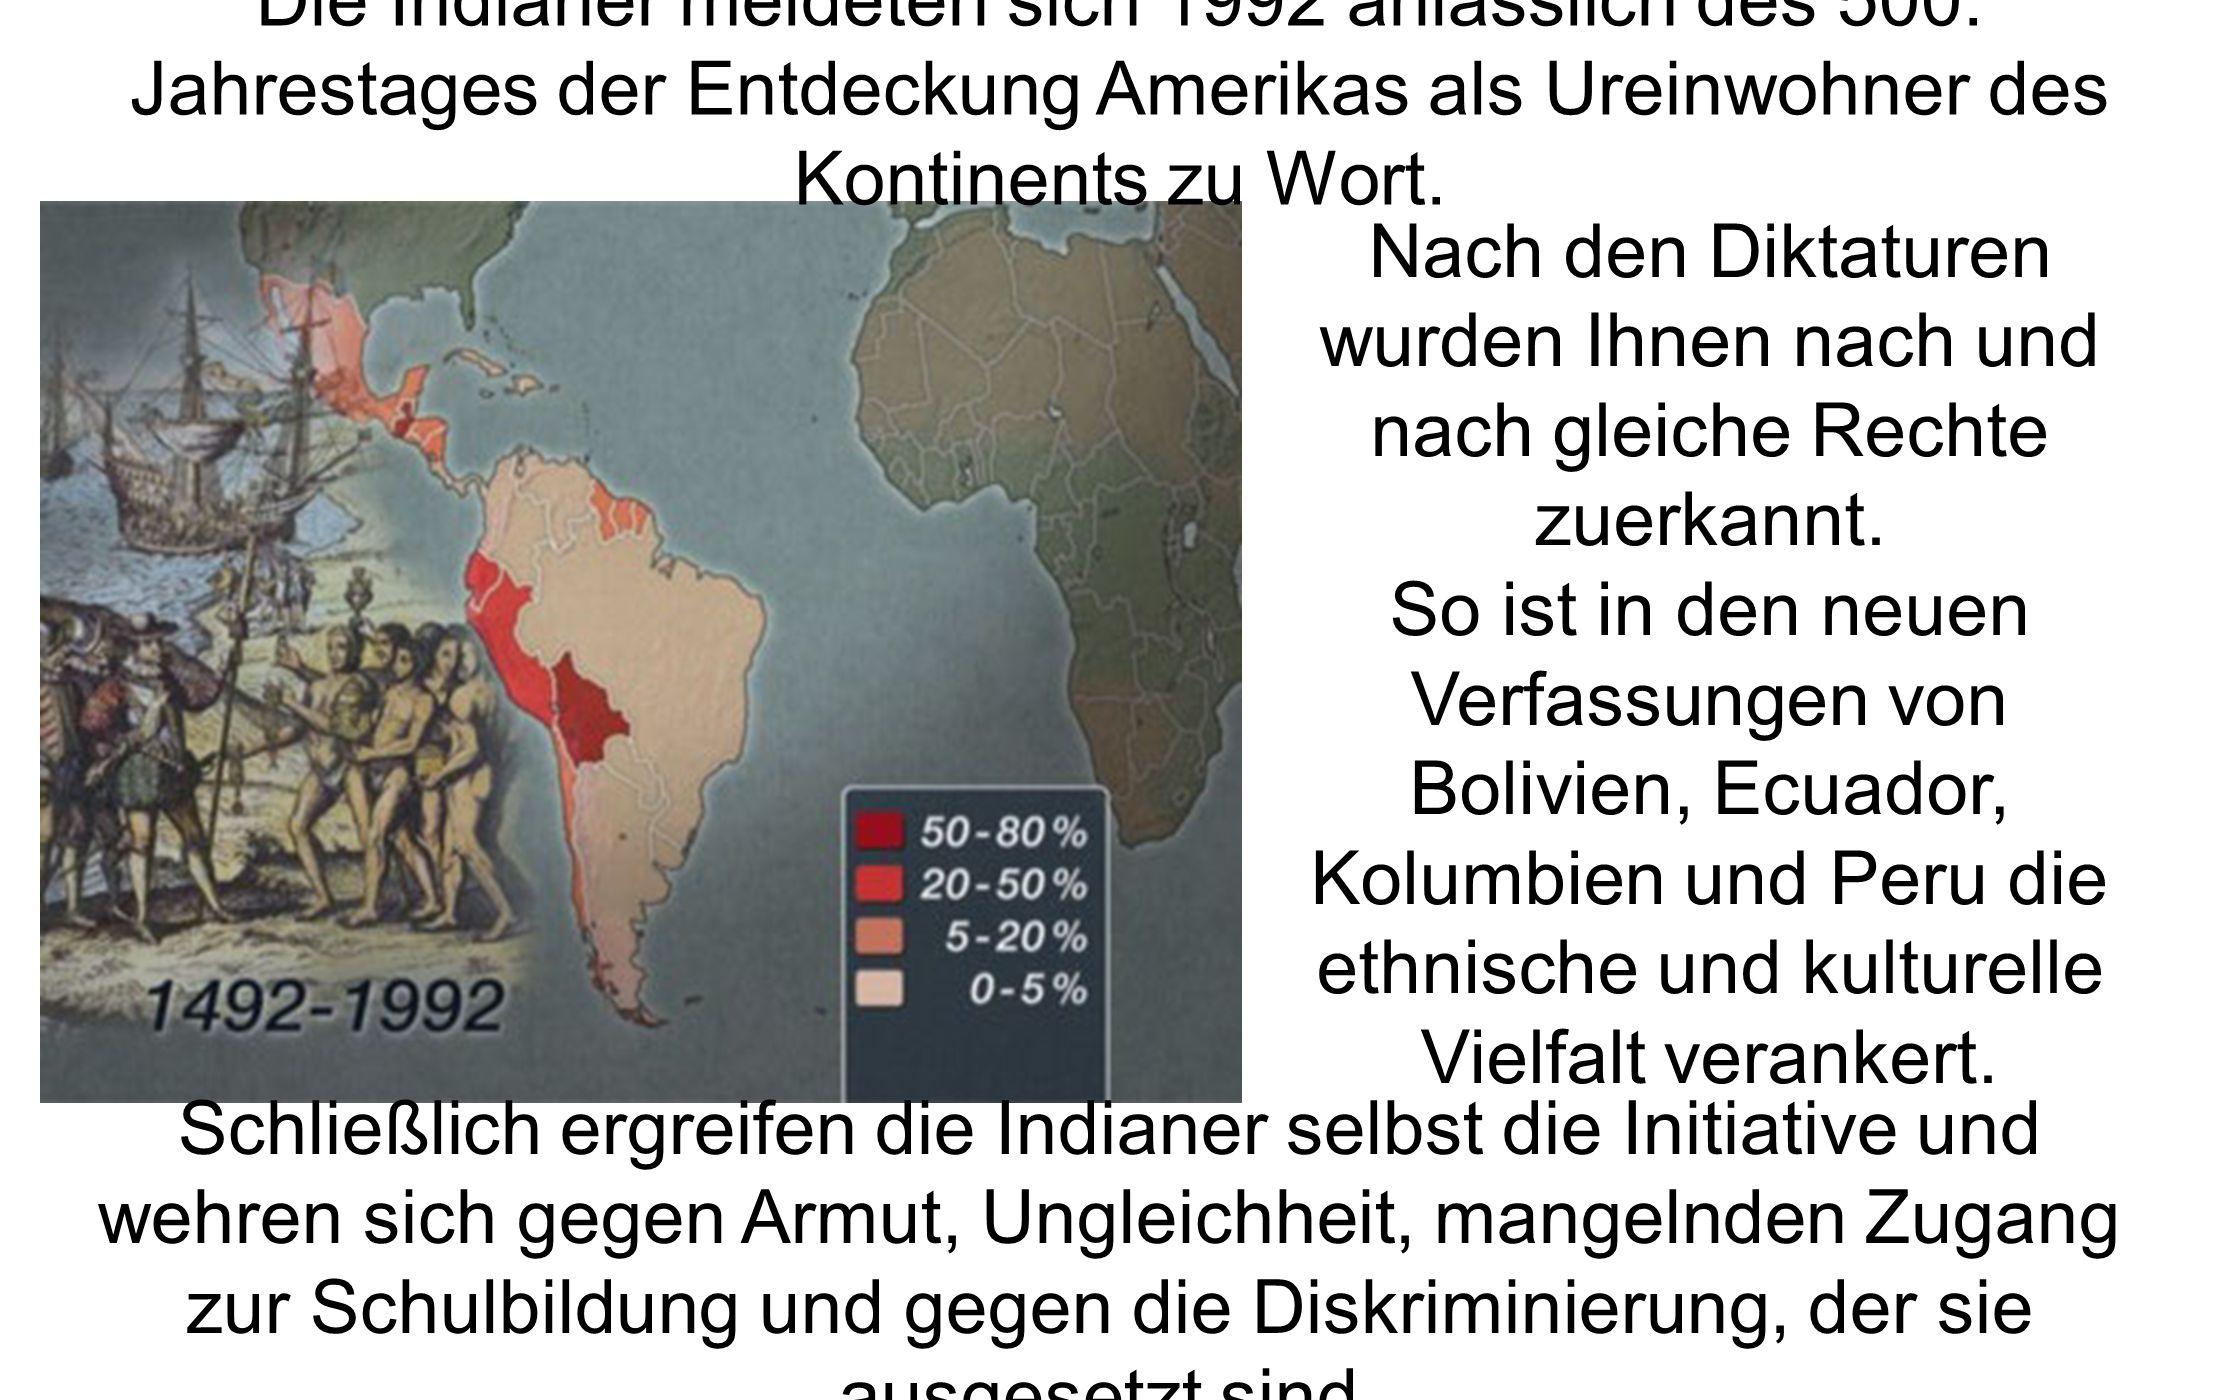 Die Indianer meldeten sich 1992 anlässlich des 500. Jahrestages der Entdeckung Amerikas als Ureinwohner des Kontinents zu Wort. Schließlich ergreifen